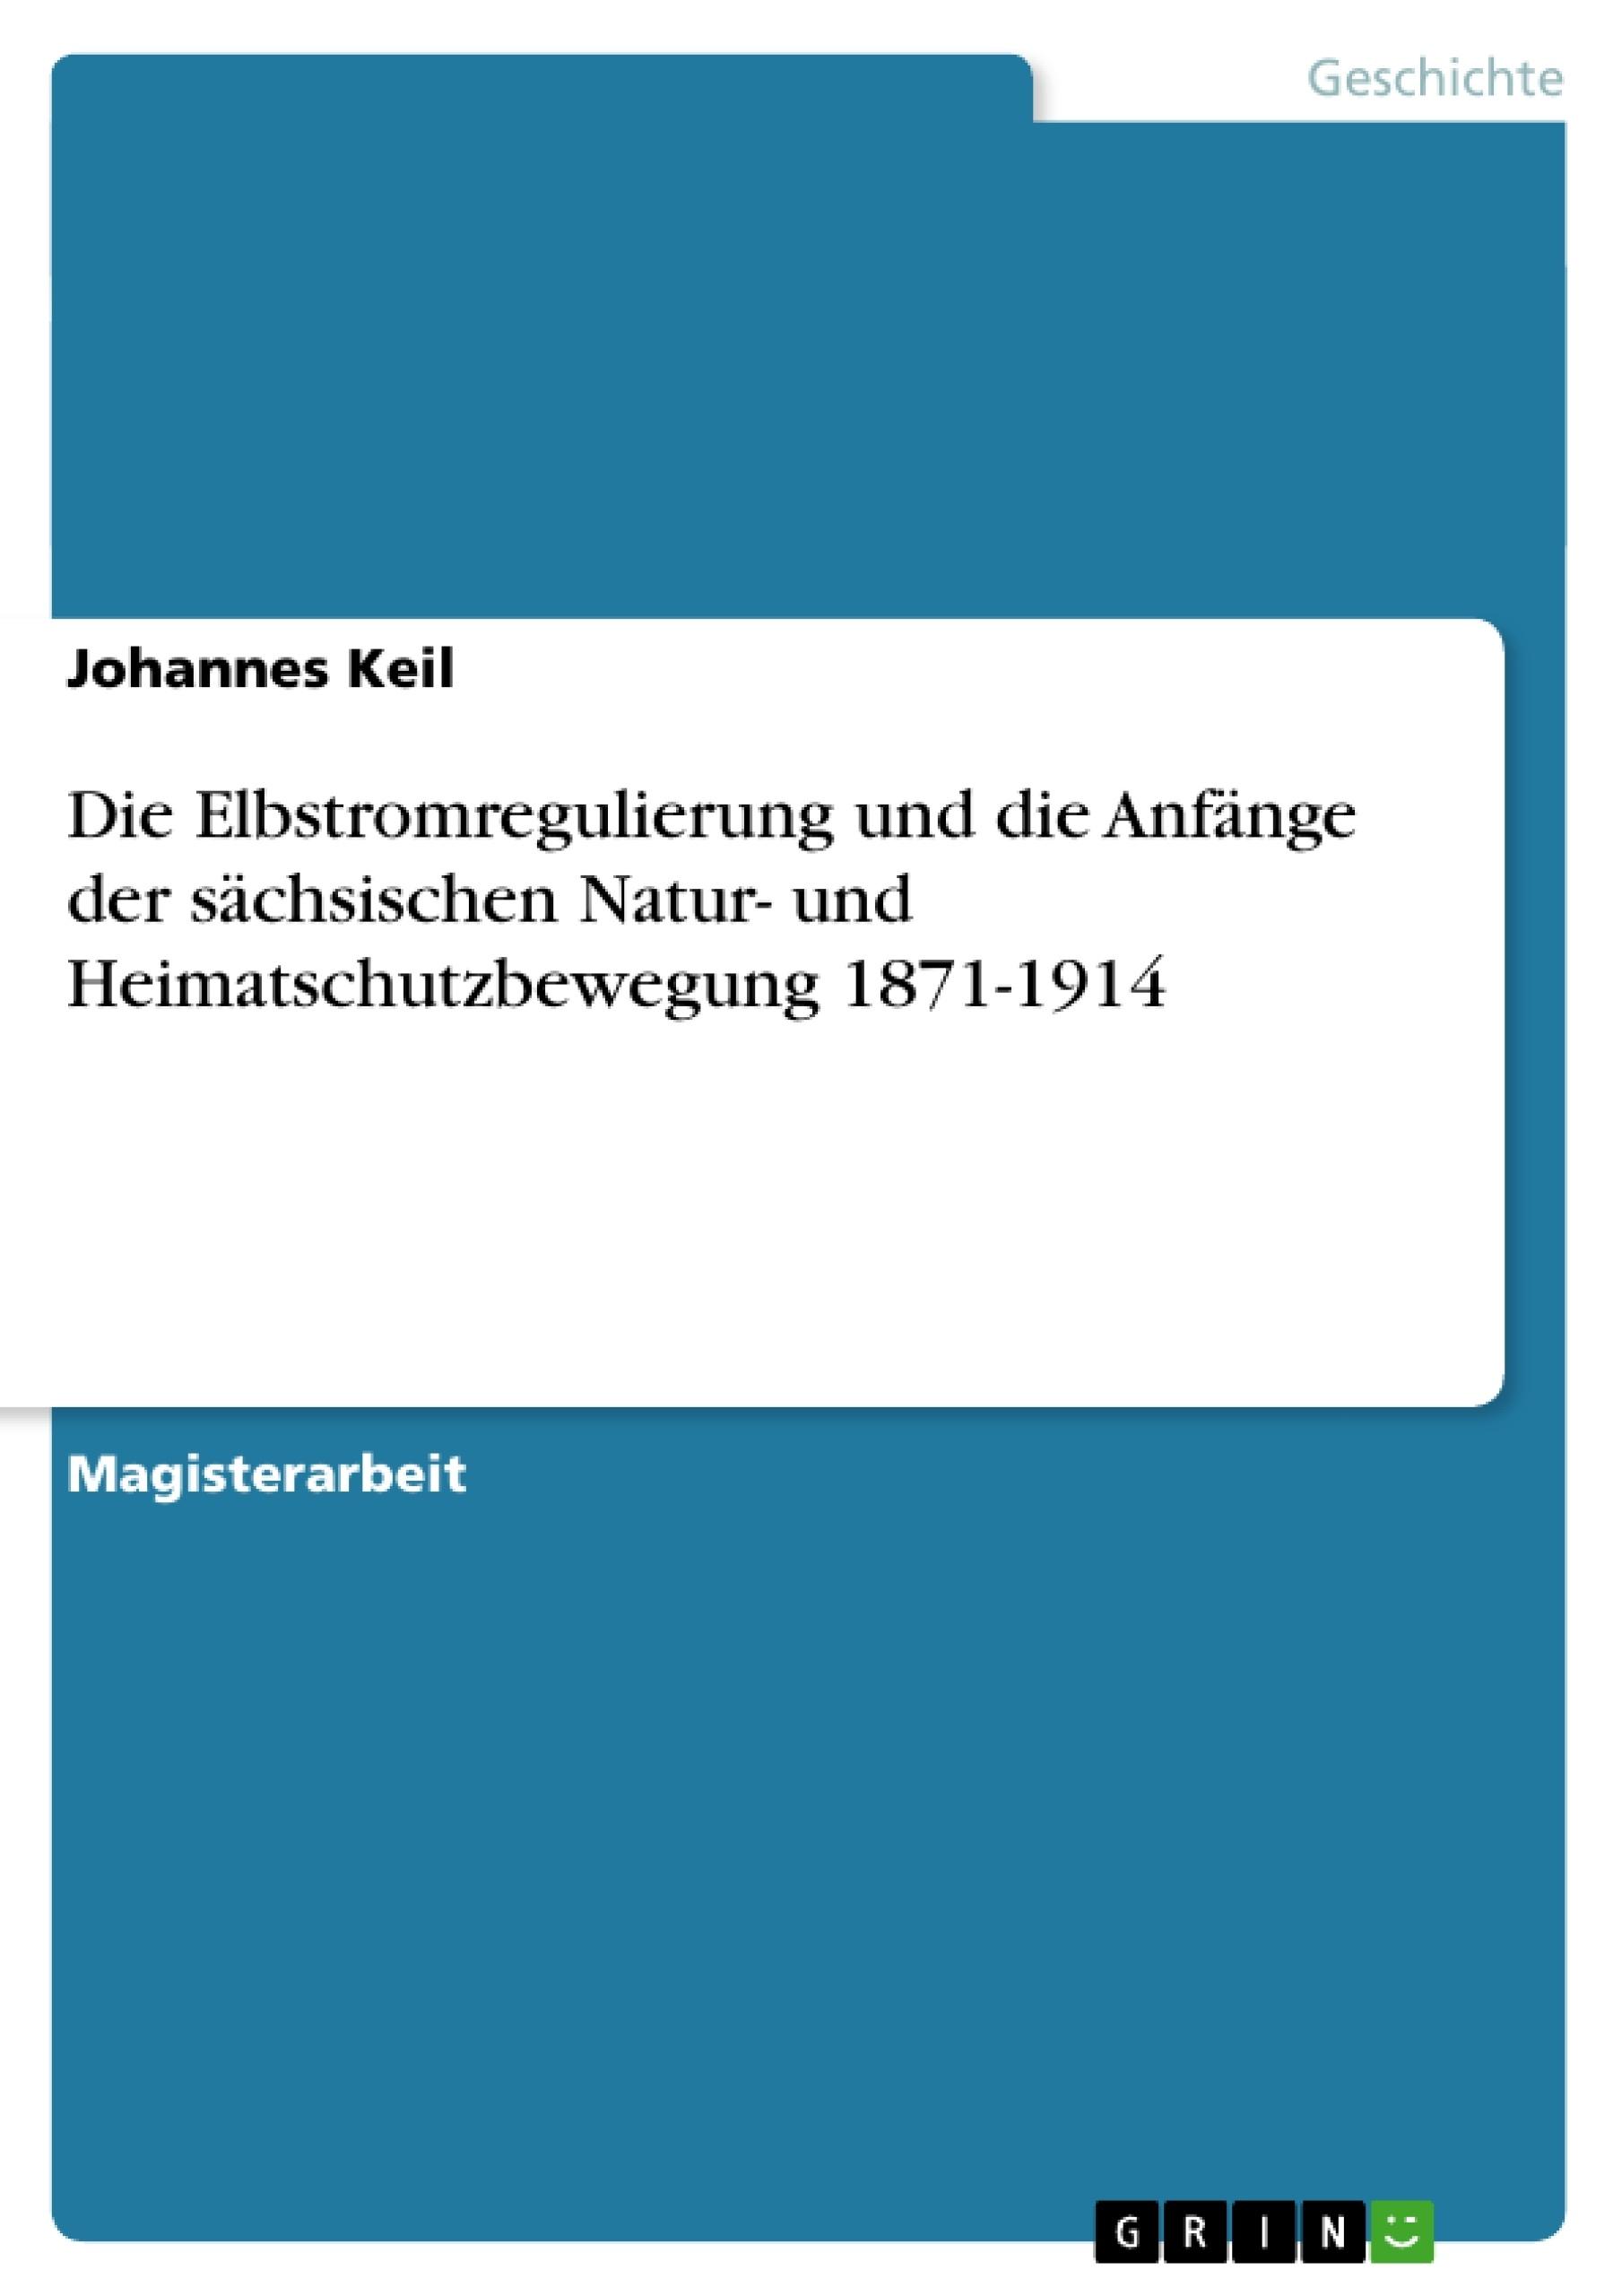 Titel: Die Elbstromregulierung und die Anfänge der sächsischen Natur- und Heimatschutzbewegung 1871-1914